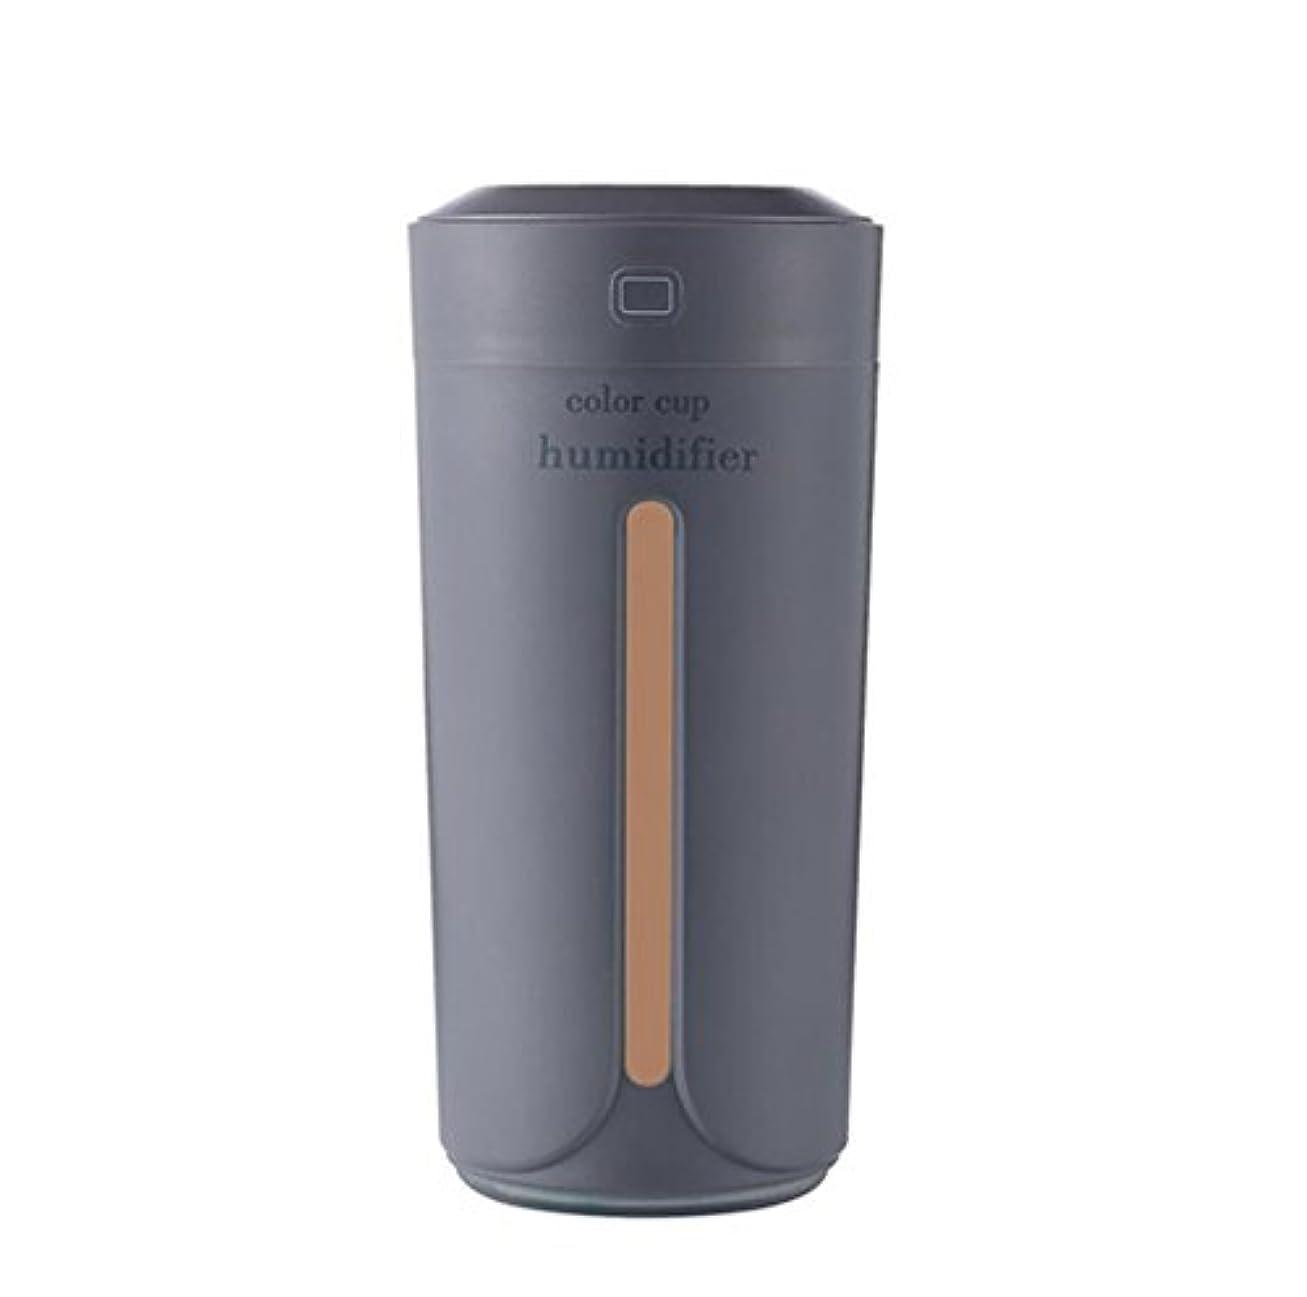 呼吸するバレエ公演USBミニポータブルトラベルホームオフィス超音波エアクールミスト加湿器、小型&絶妙な、取り外し可能な、新鮮な、環境、日用品